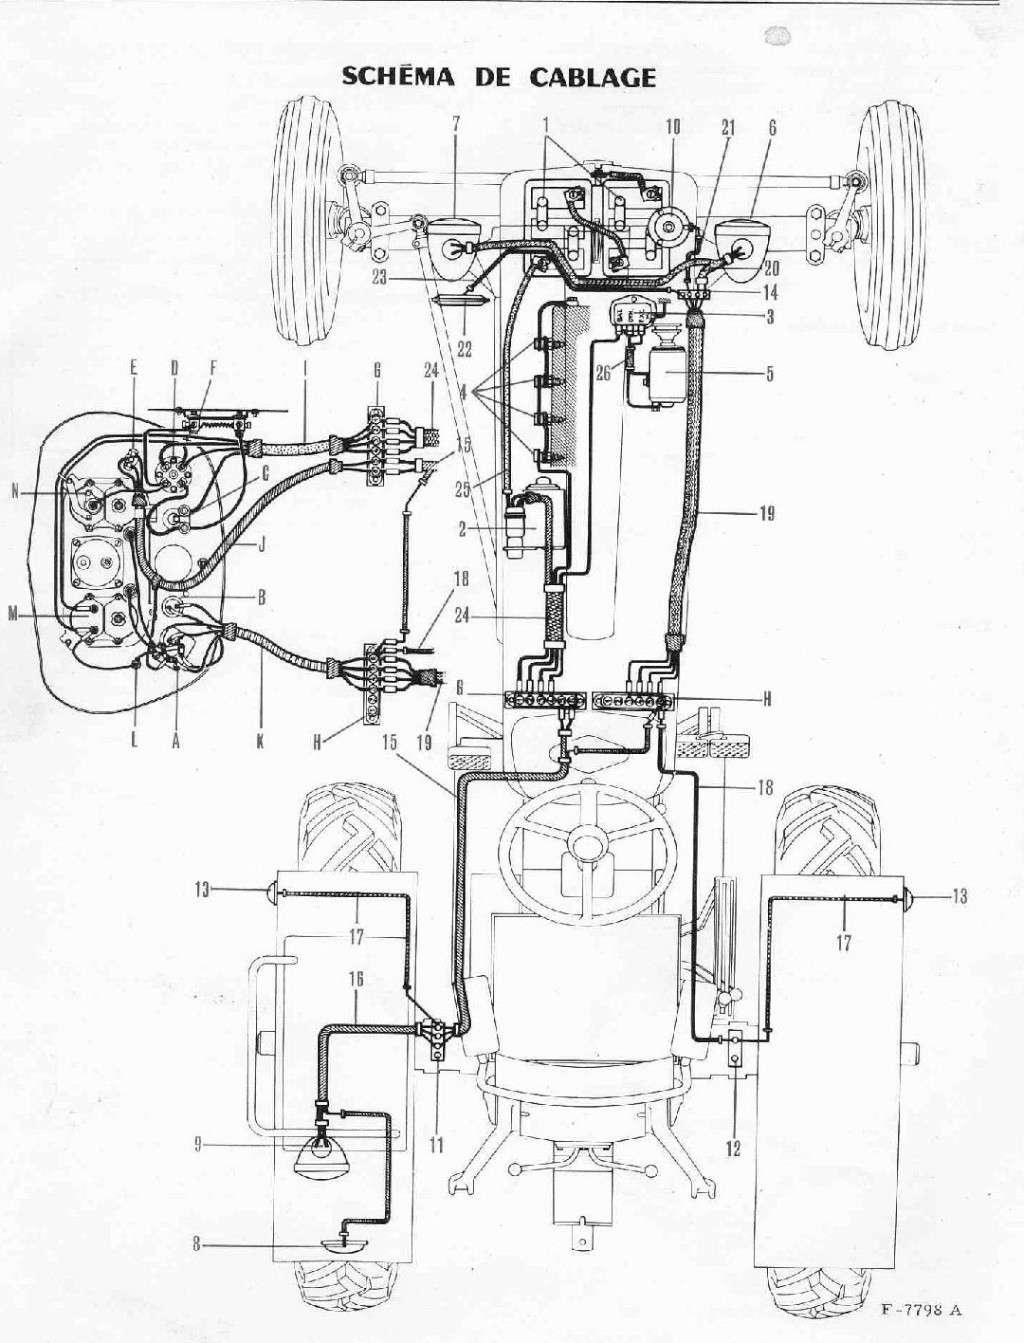 2wire fan schema cablage auto electrical wiring diagram Leviton GFCI Wiring-Diagram mettre un altenateur u00e0 la place dune dynamo